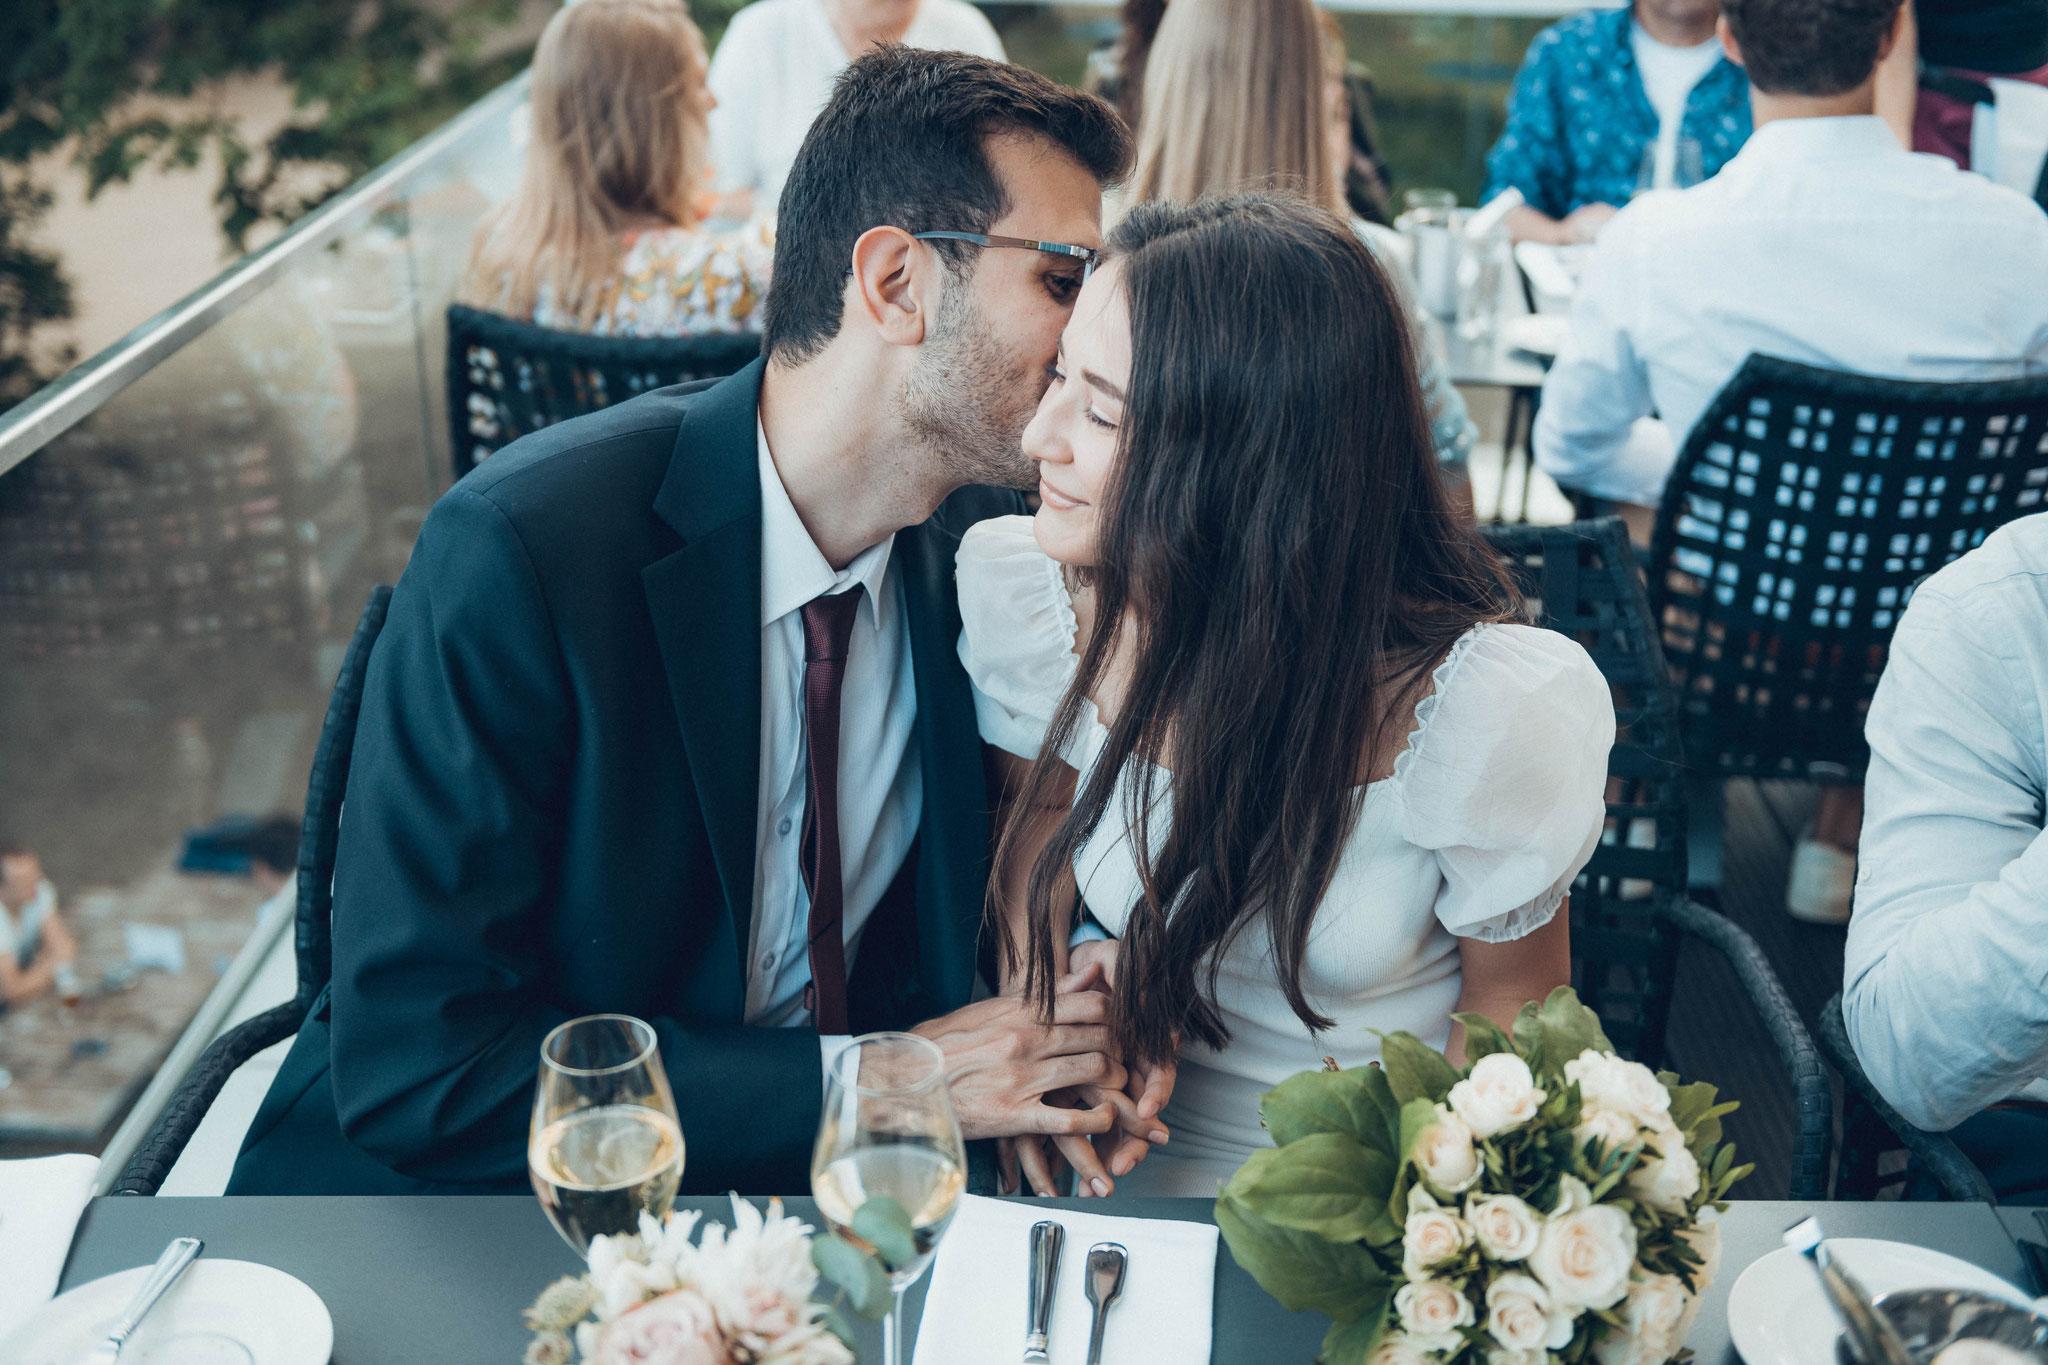 Verheiratet und nicht mehr verlobt - das Brautpaar küsst sich